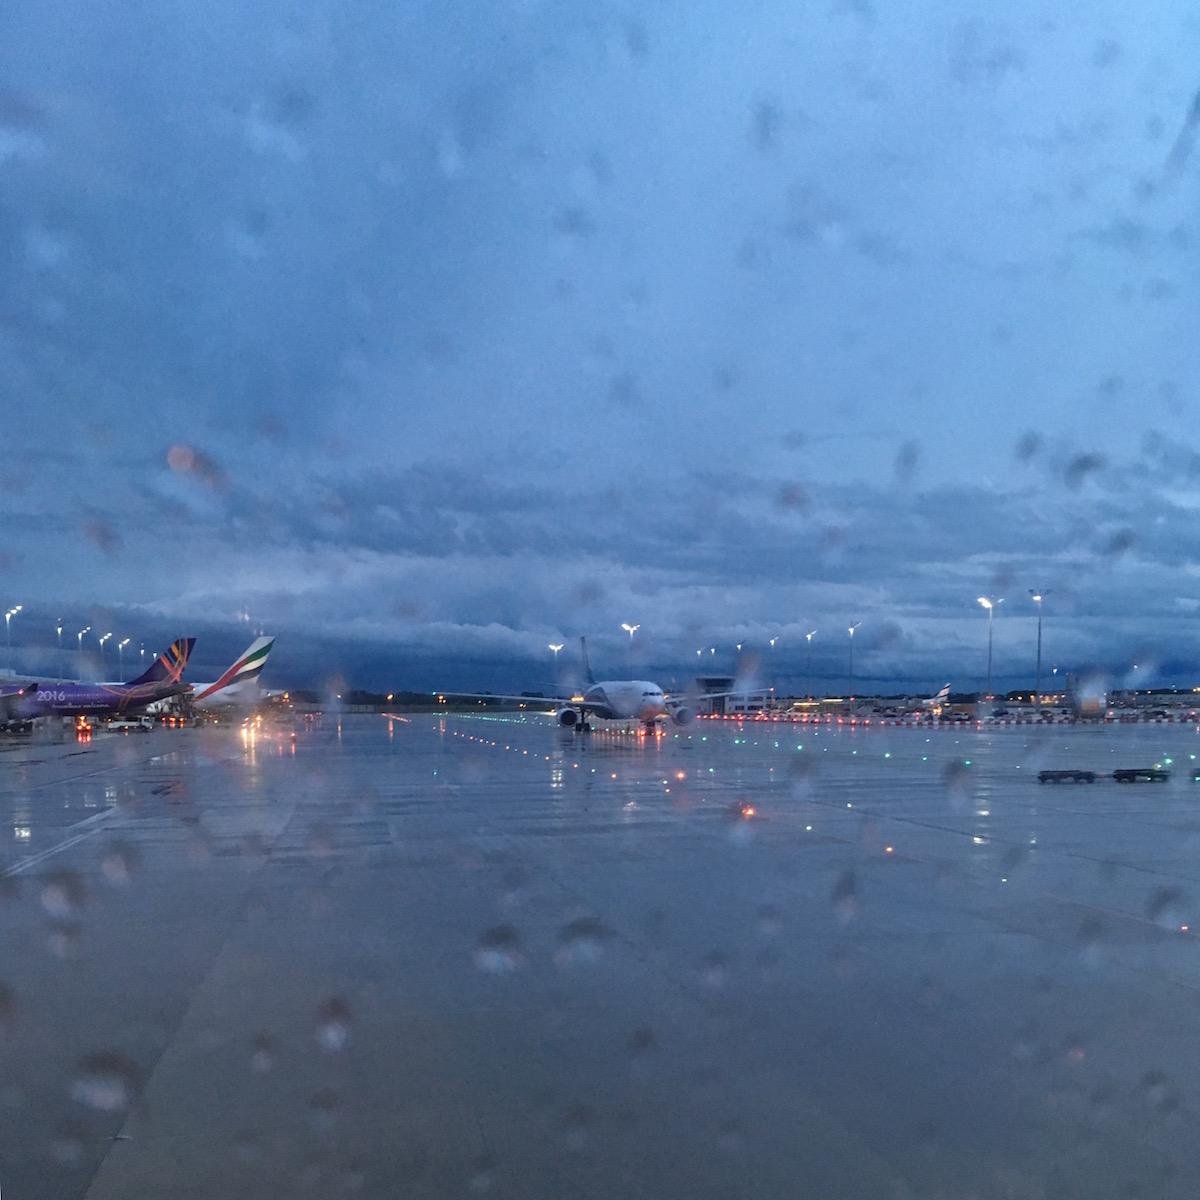 Blick auf das regnerische Rollfeld